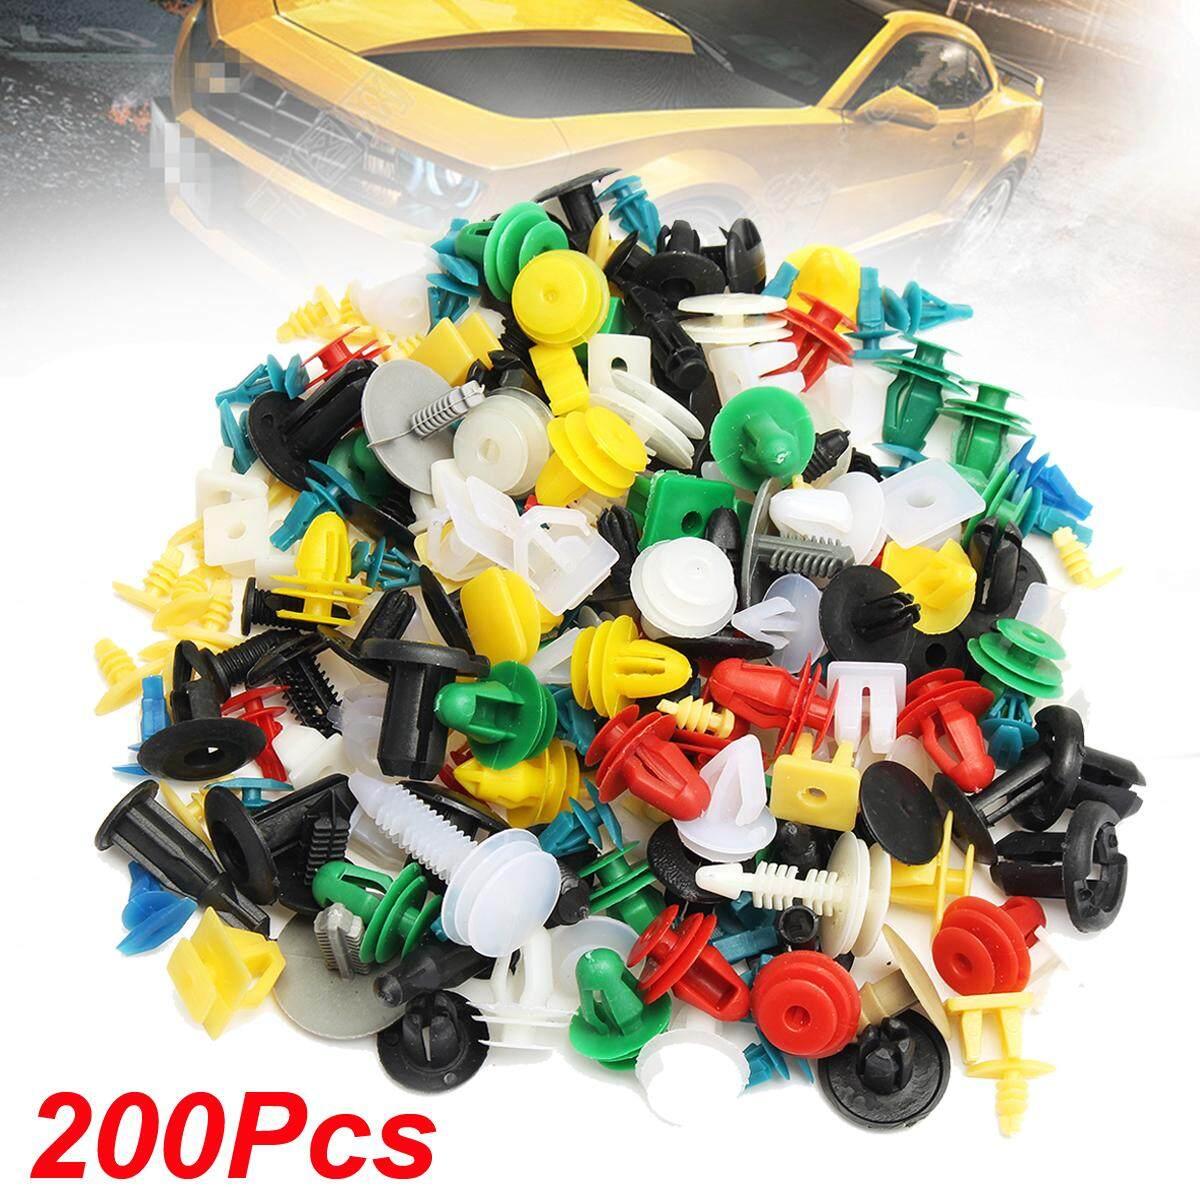 200 cái Nhựa Cửa Xe Ô Tô Viền Kẹp Ốp Lưng Đinh Tán Ốc Vít Cơ Thể Bảng Đẩy Nhanh Bộ